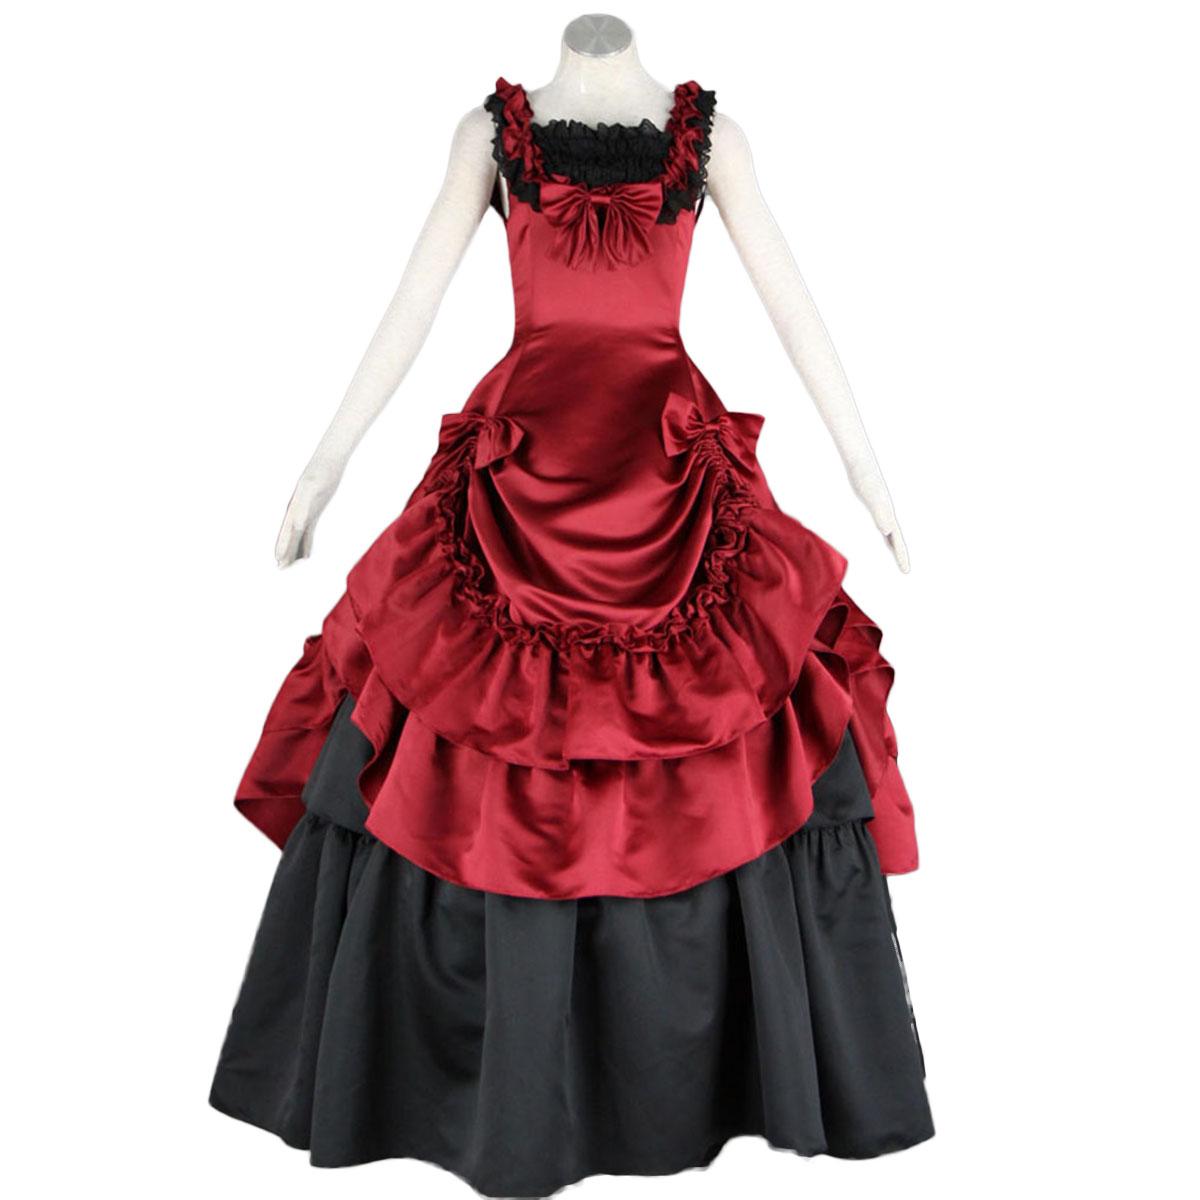 لوليتا فاخرة الثقافة أكمام ضجيج فستان أحمر طويل كوزبلاي ازياء